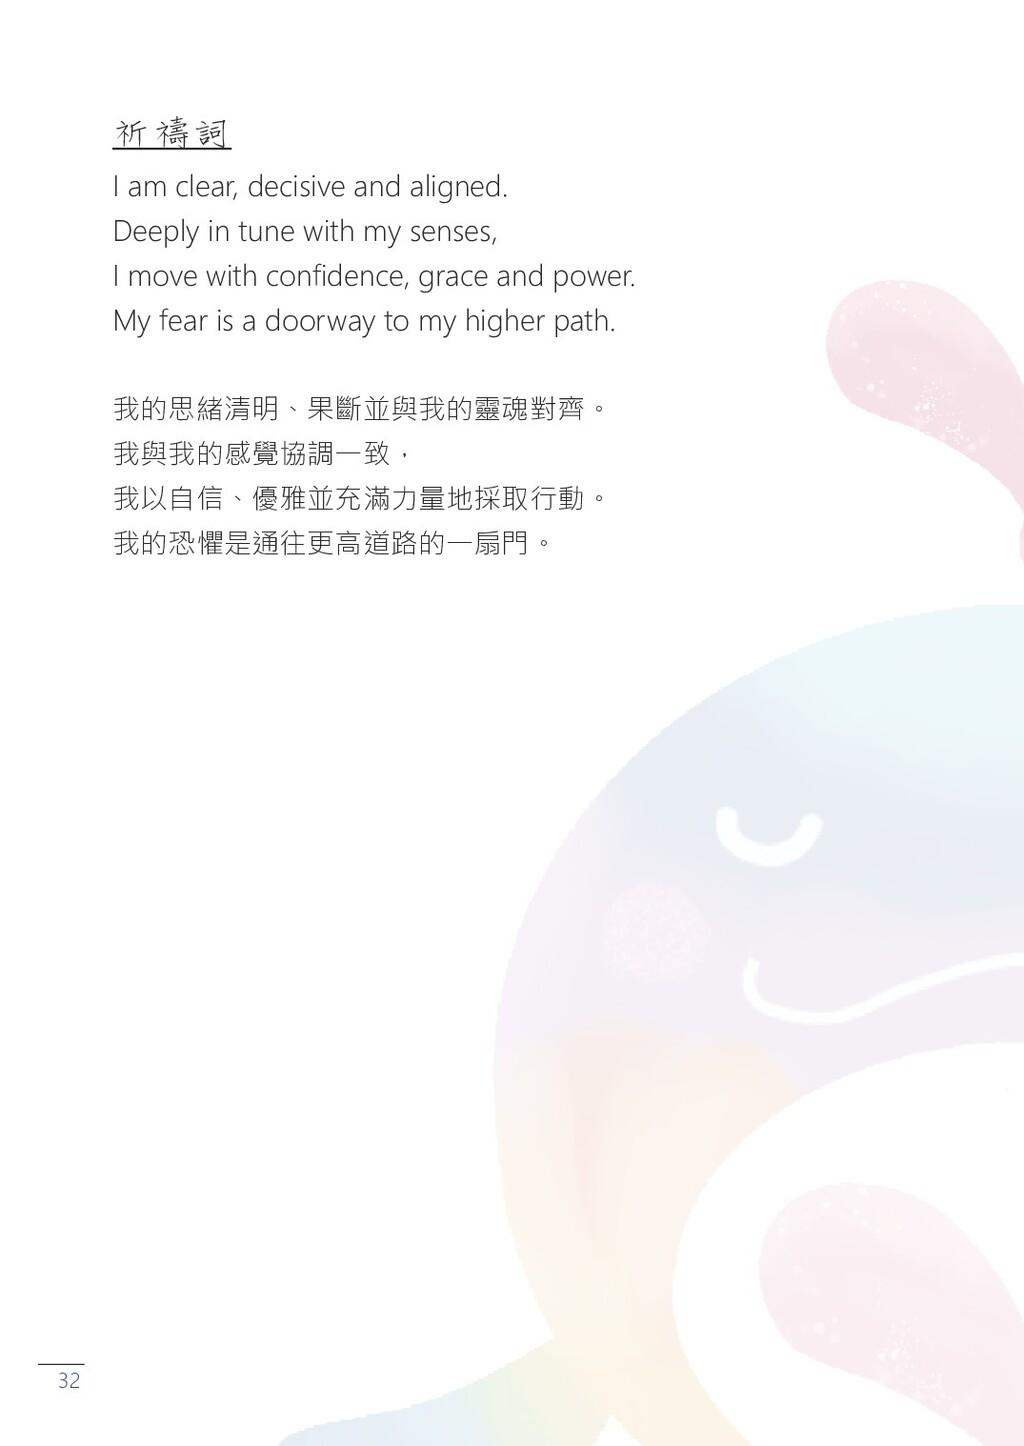 32 祈禱詞 I am clear, decisive and aligned. Deeply...